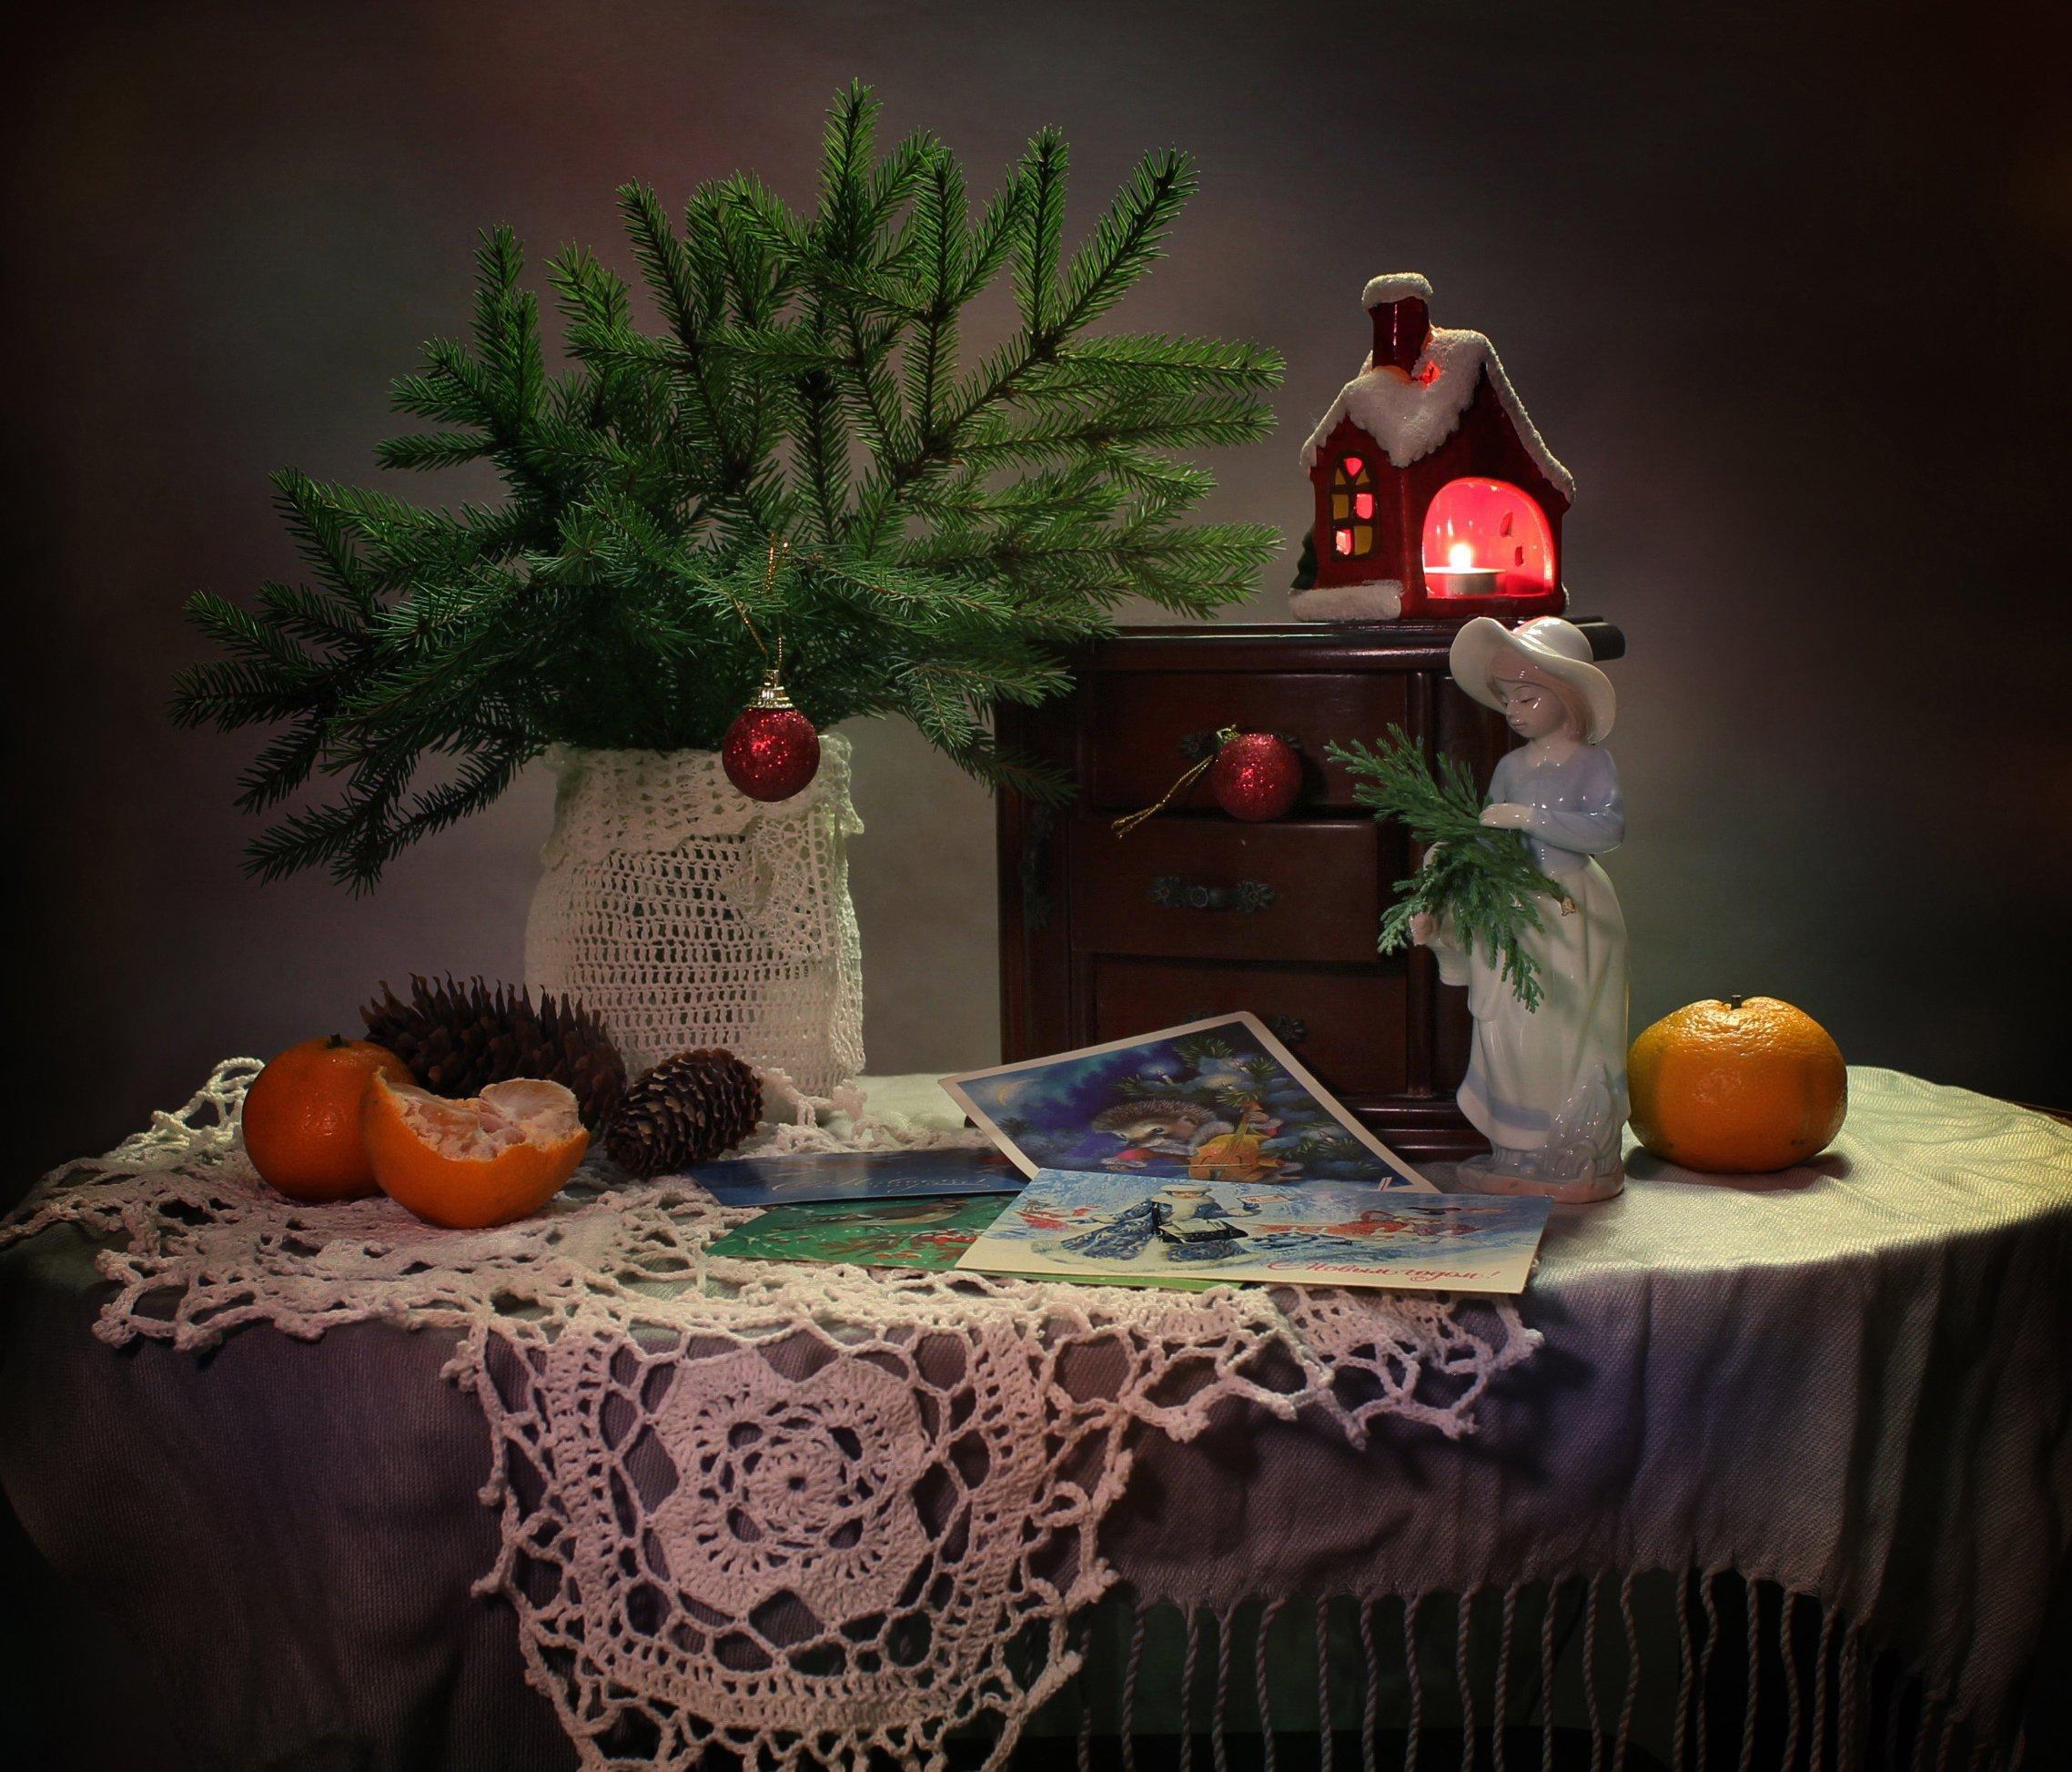 натюрморт, зима, новый год. девушка, статуэтка, фарфор, открытки, елка, подсвечник, Ковалева Светлана